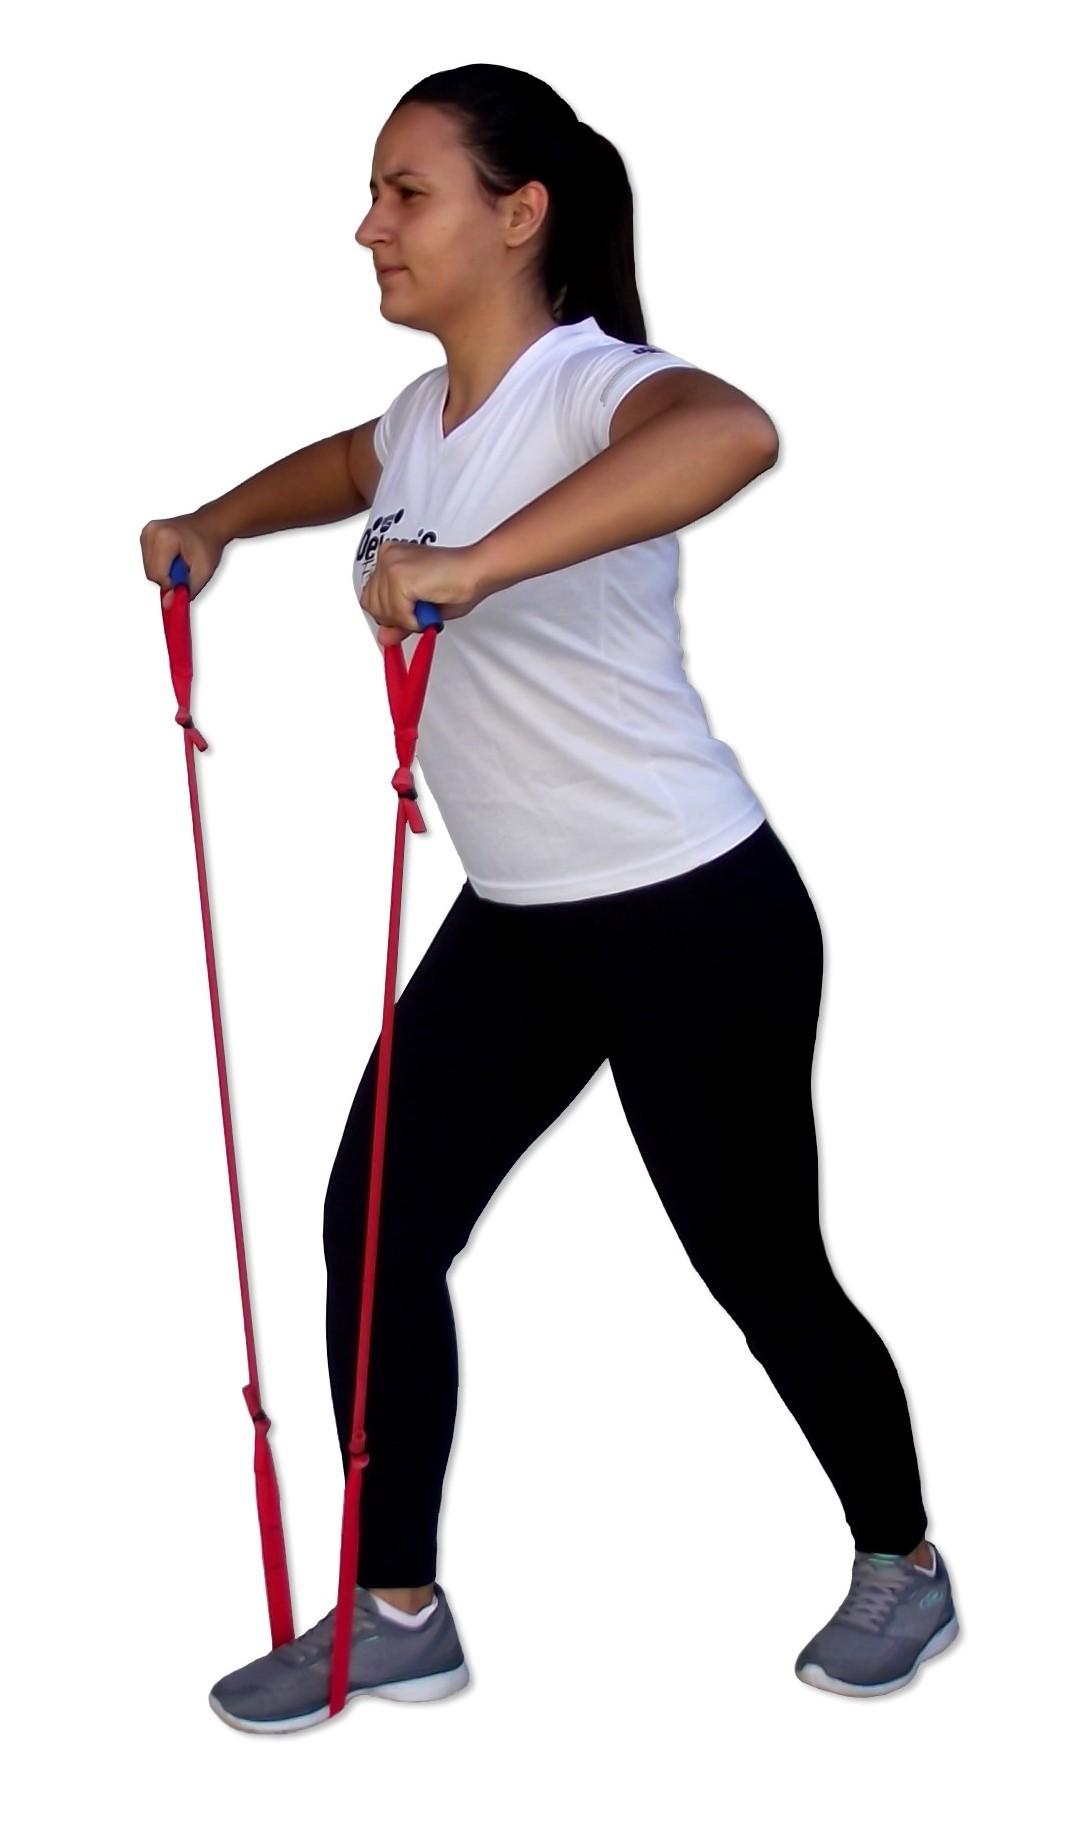 Elástico Extensor Para Exercícios em Casa - Tensão LEVE